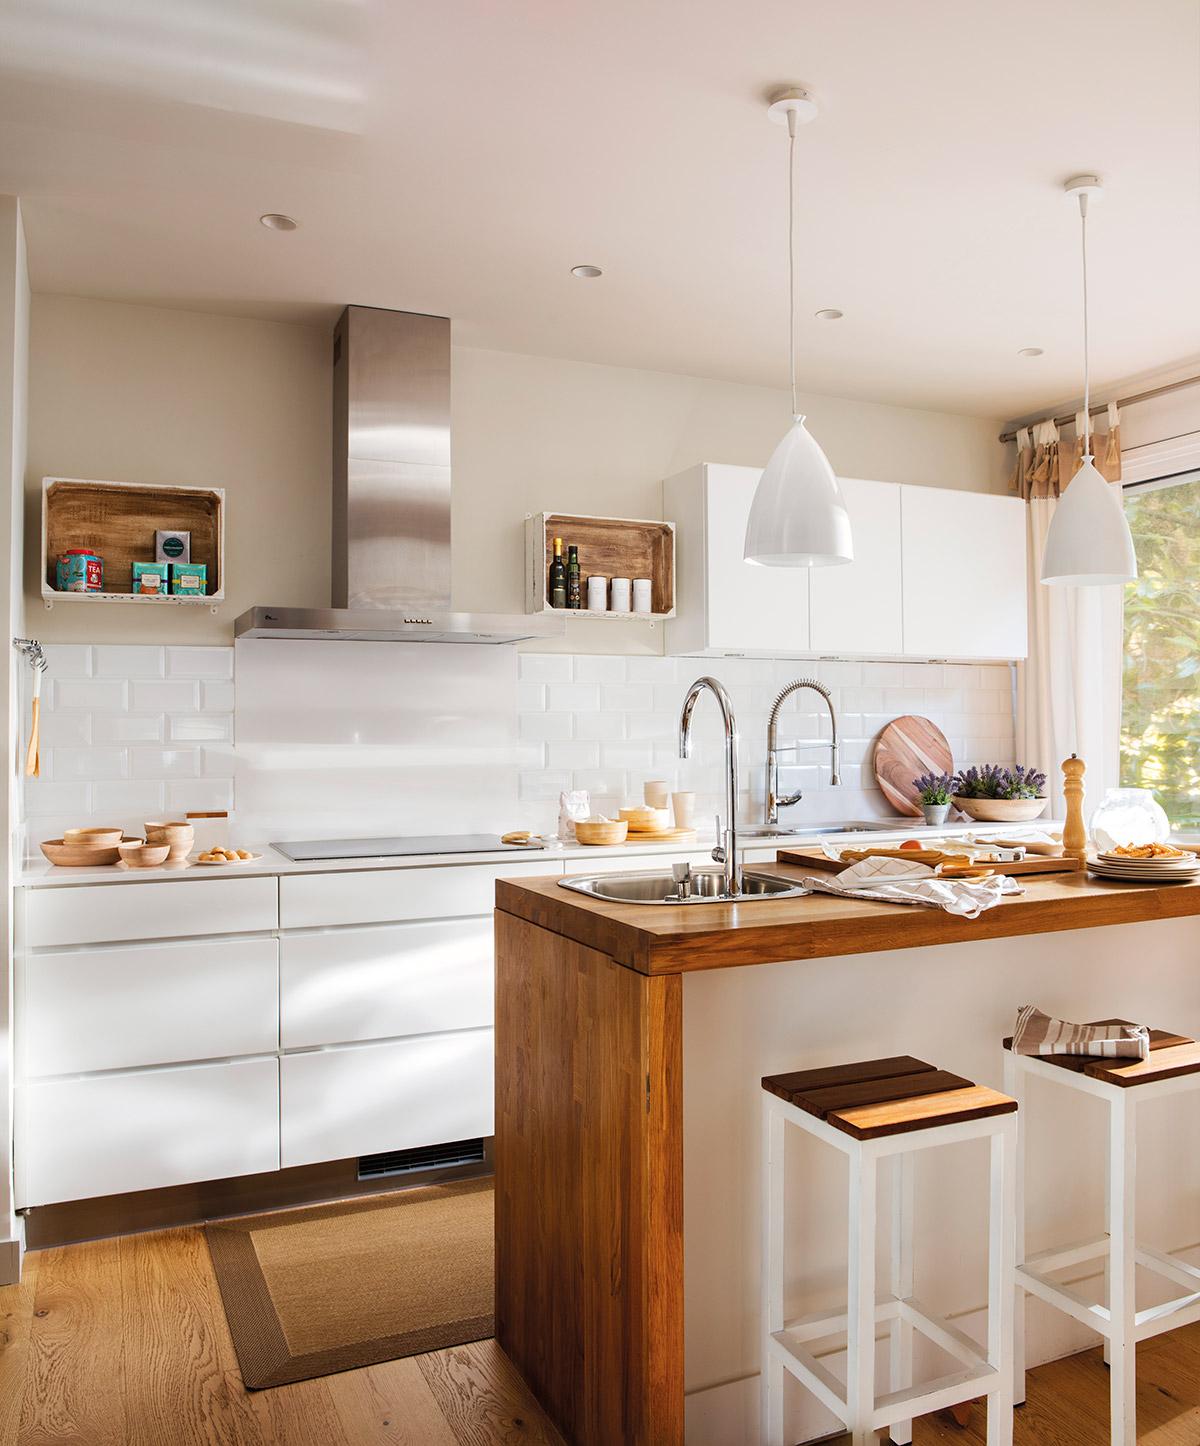 Dise o de una cocina con barra de desayuno for Diseno muebles cocina